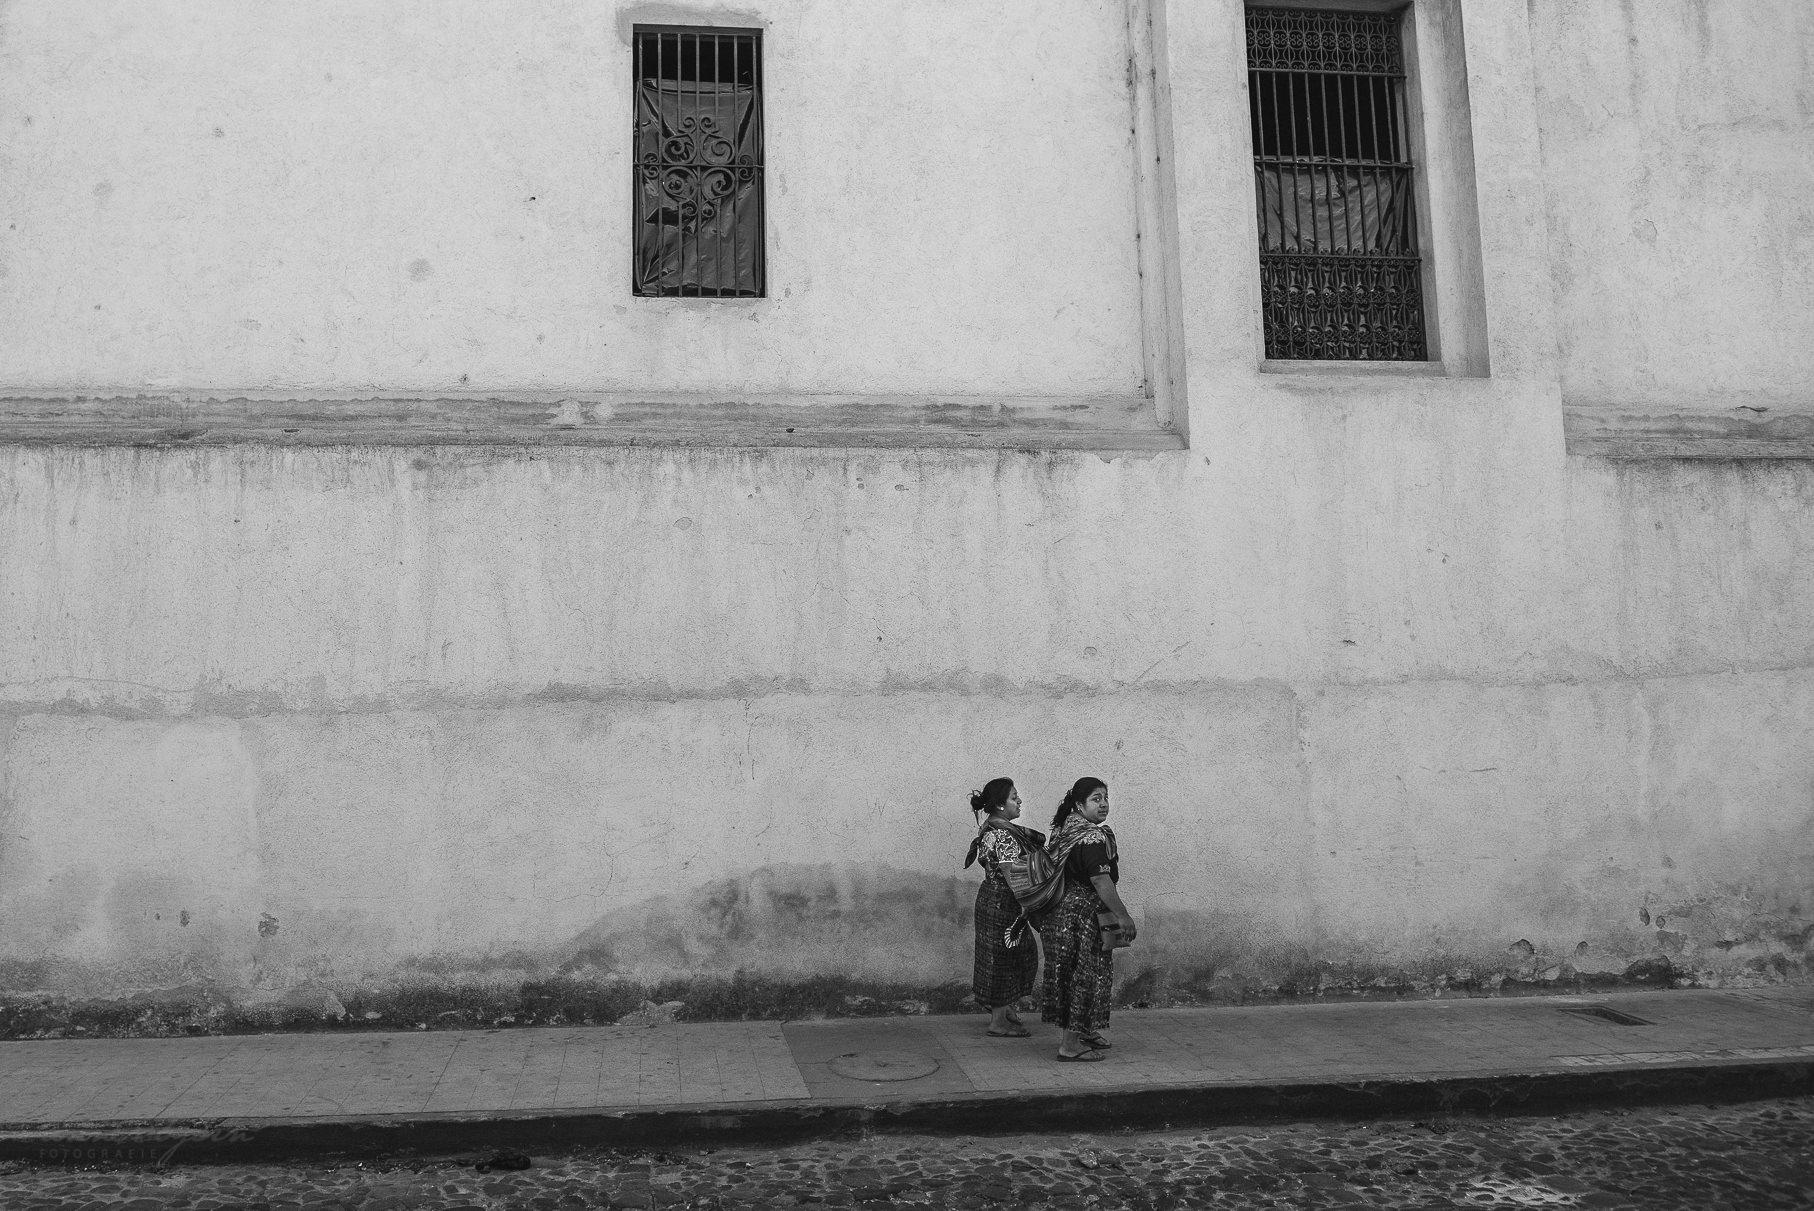 0024 anne und bjoern guatemala 811 2674 - 4 Wochen durch Guatemala - backpacking durch Mittelamerika